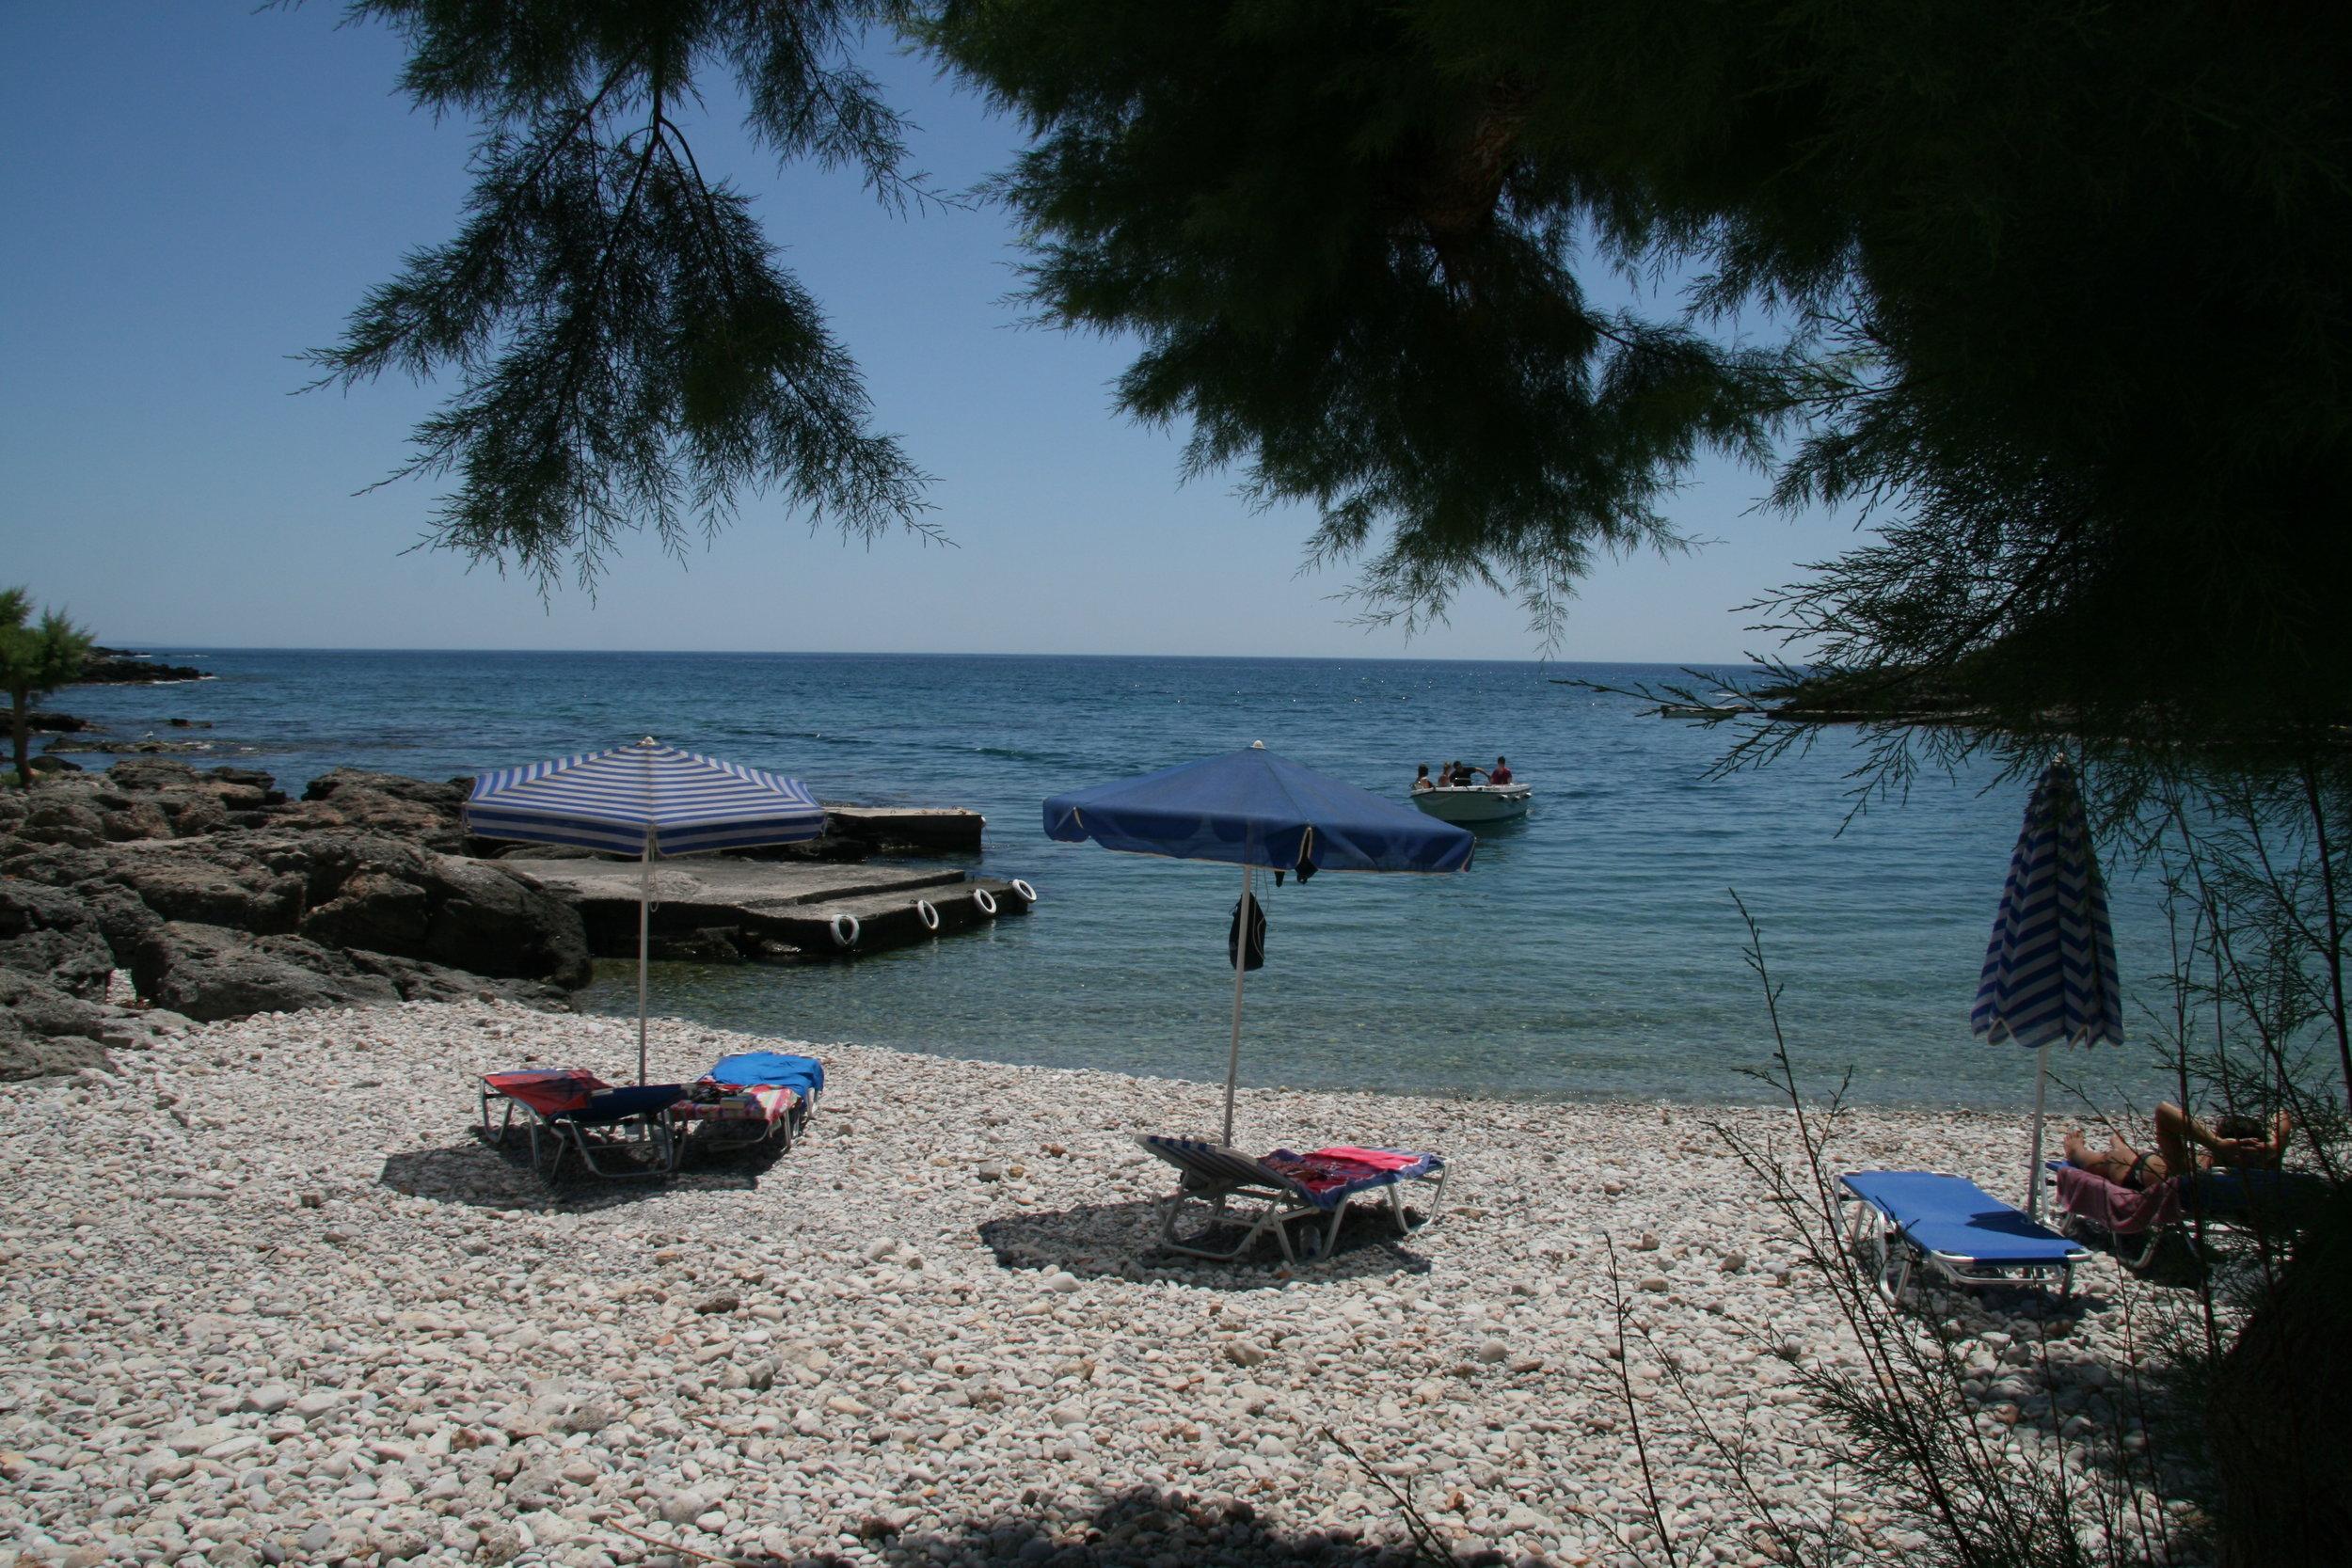 the peble beach of Finikas bay